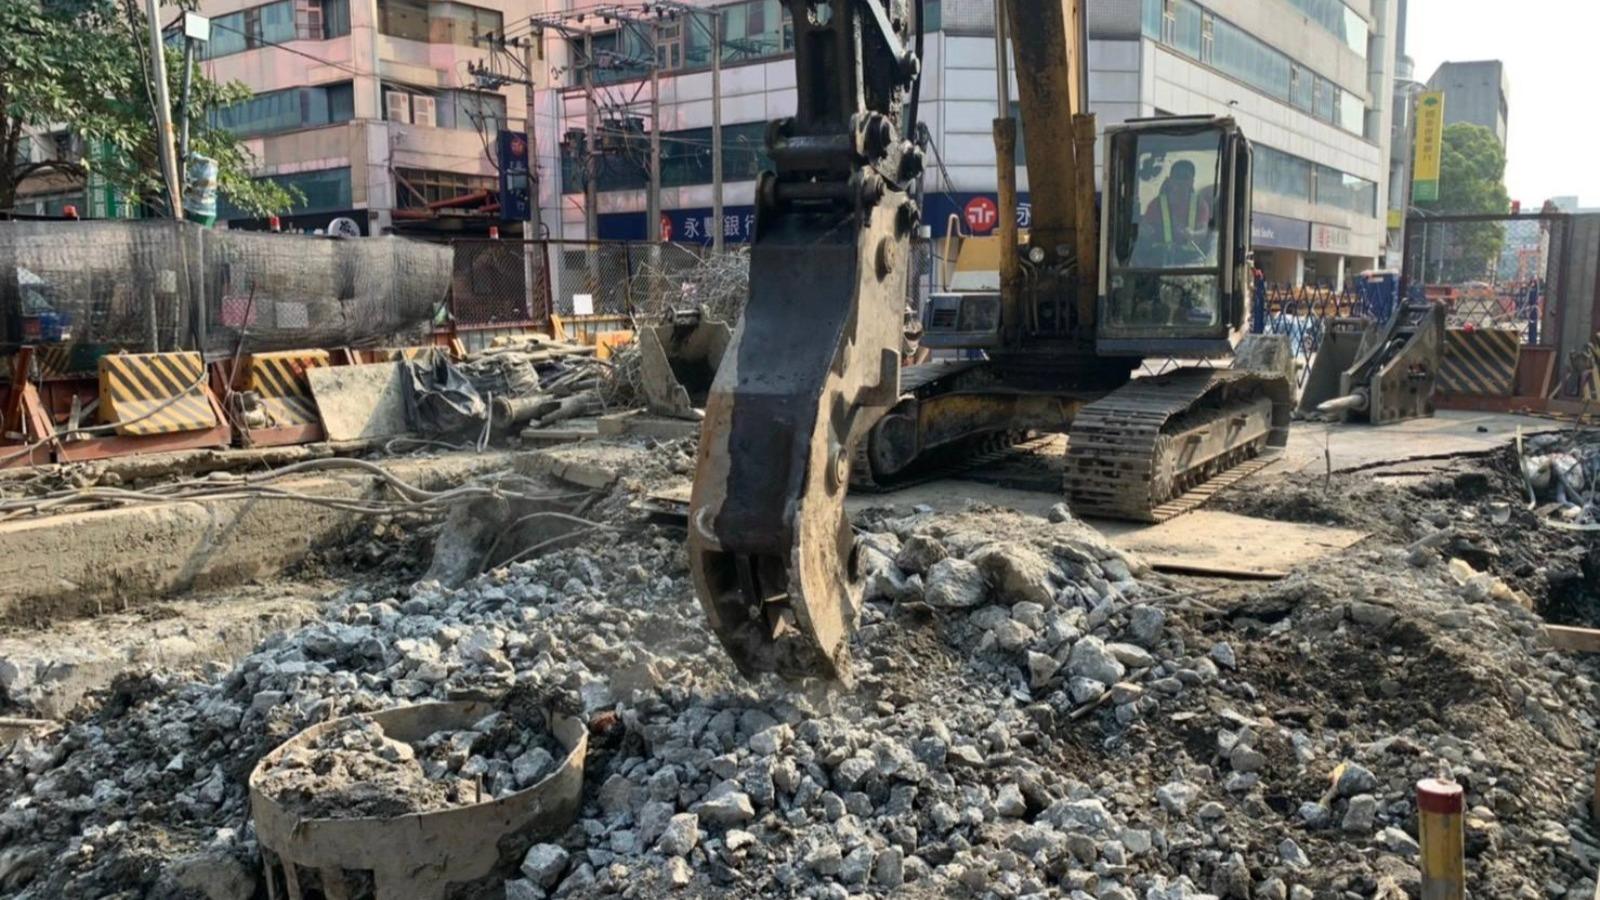 連城路B1區中避線第8單元鋪面打除混凝土塊碎解施作